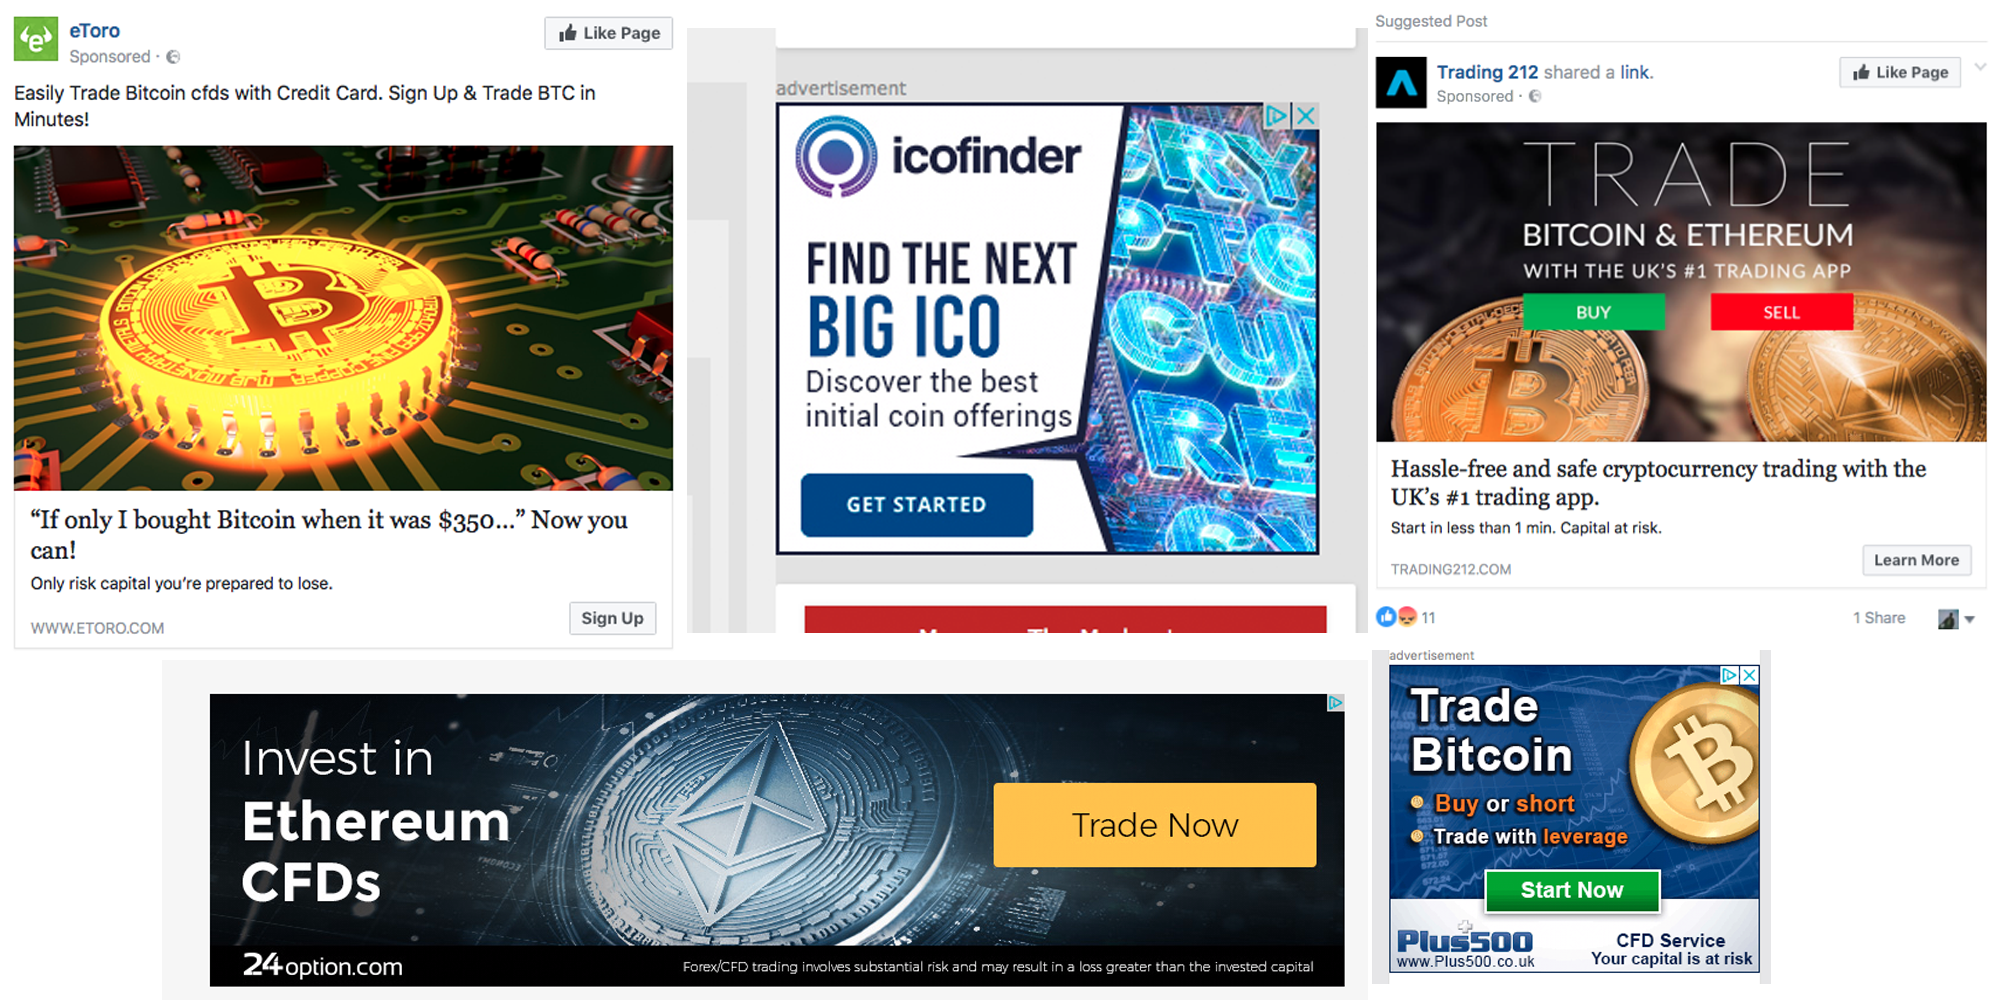 bitcoin trading uk reddit)